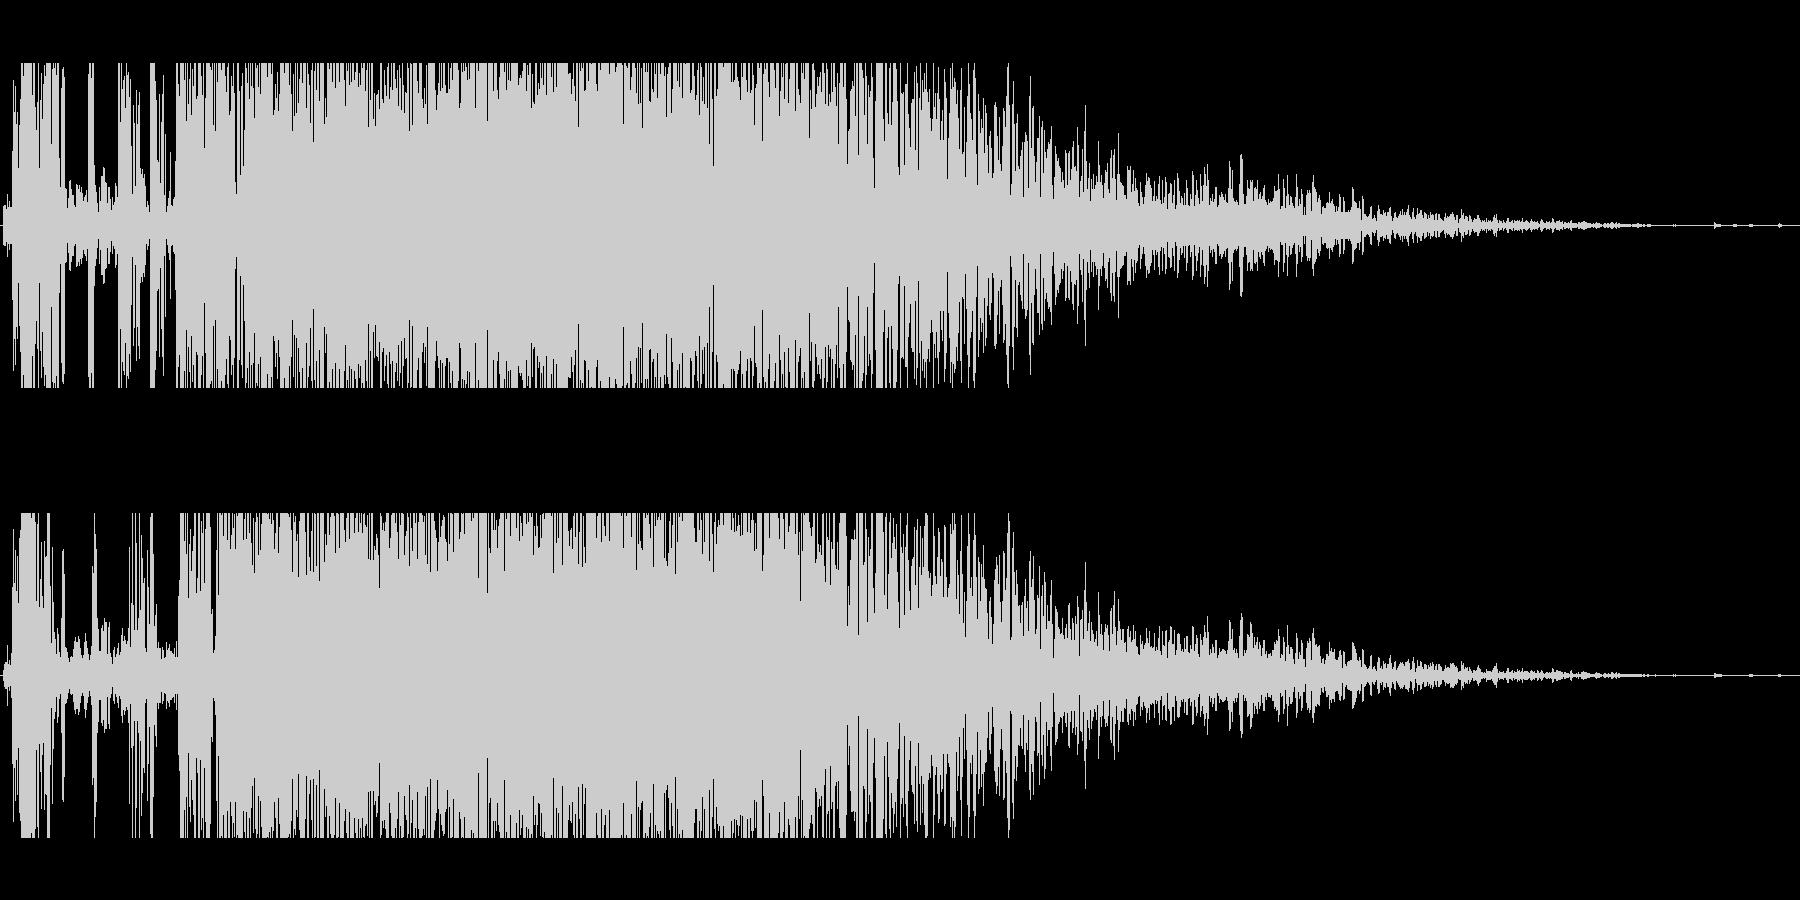 パンチ(バシッと鈍い音)の未再生の波形